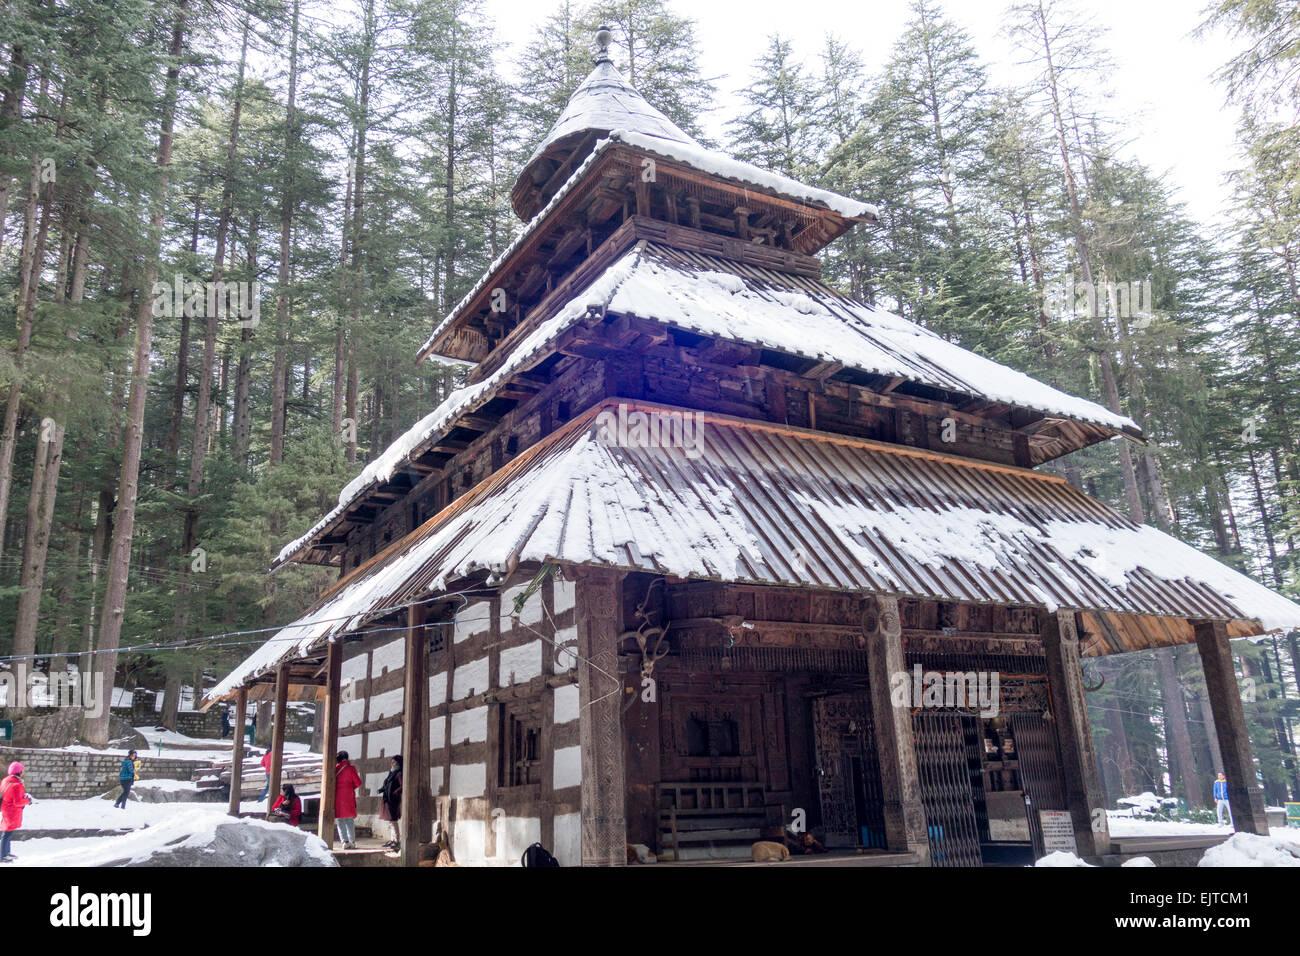 Hadimba temple in Manali India - Stock Image